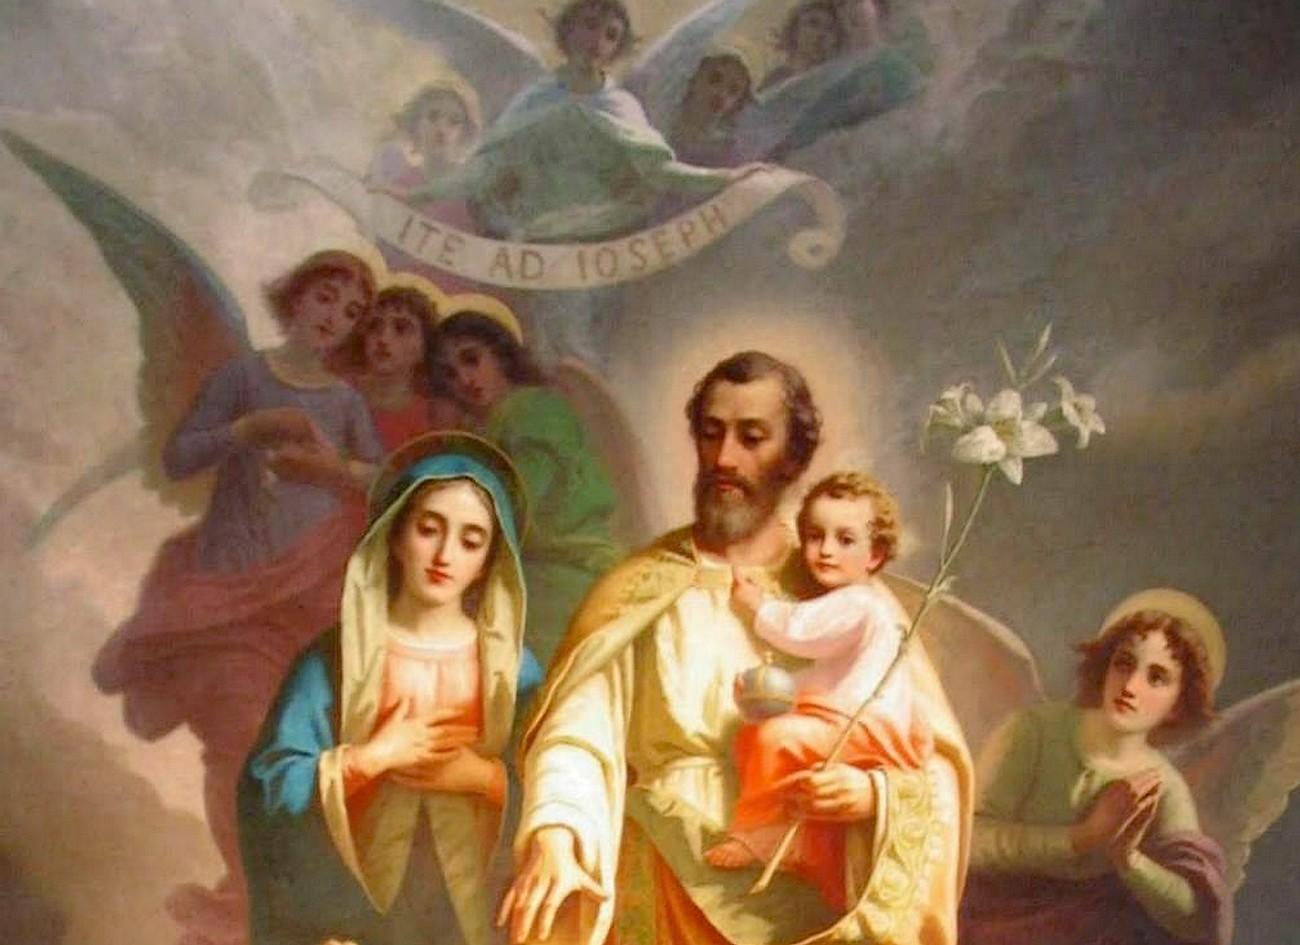 🙏🏻 La Poderosa Novena a San José [el santo más importante de la Iglesia]